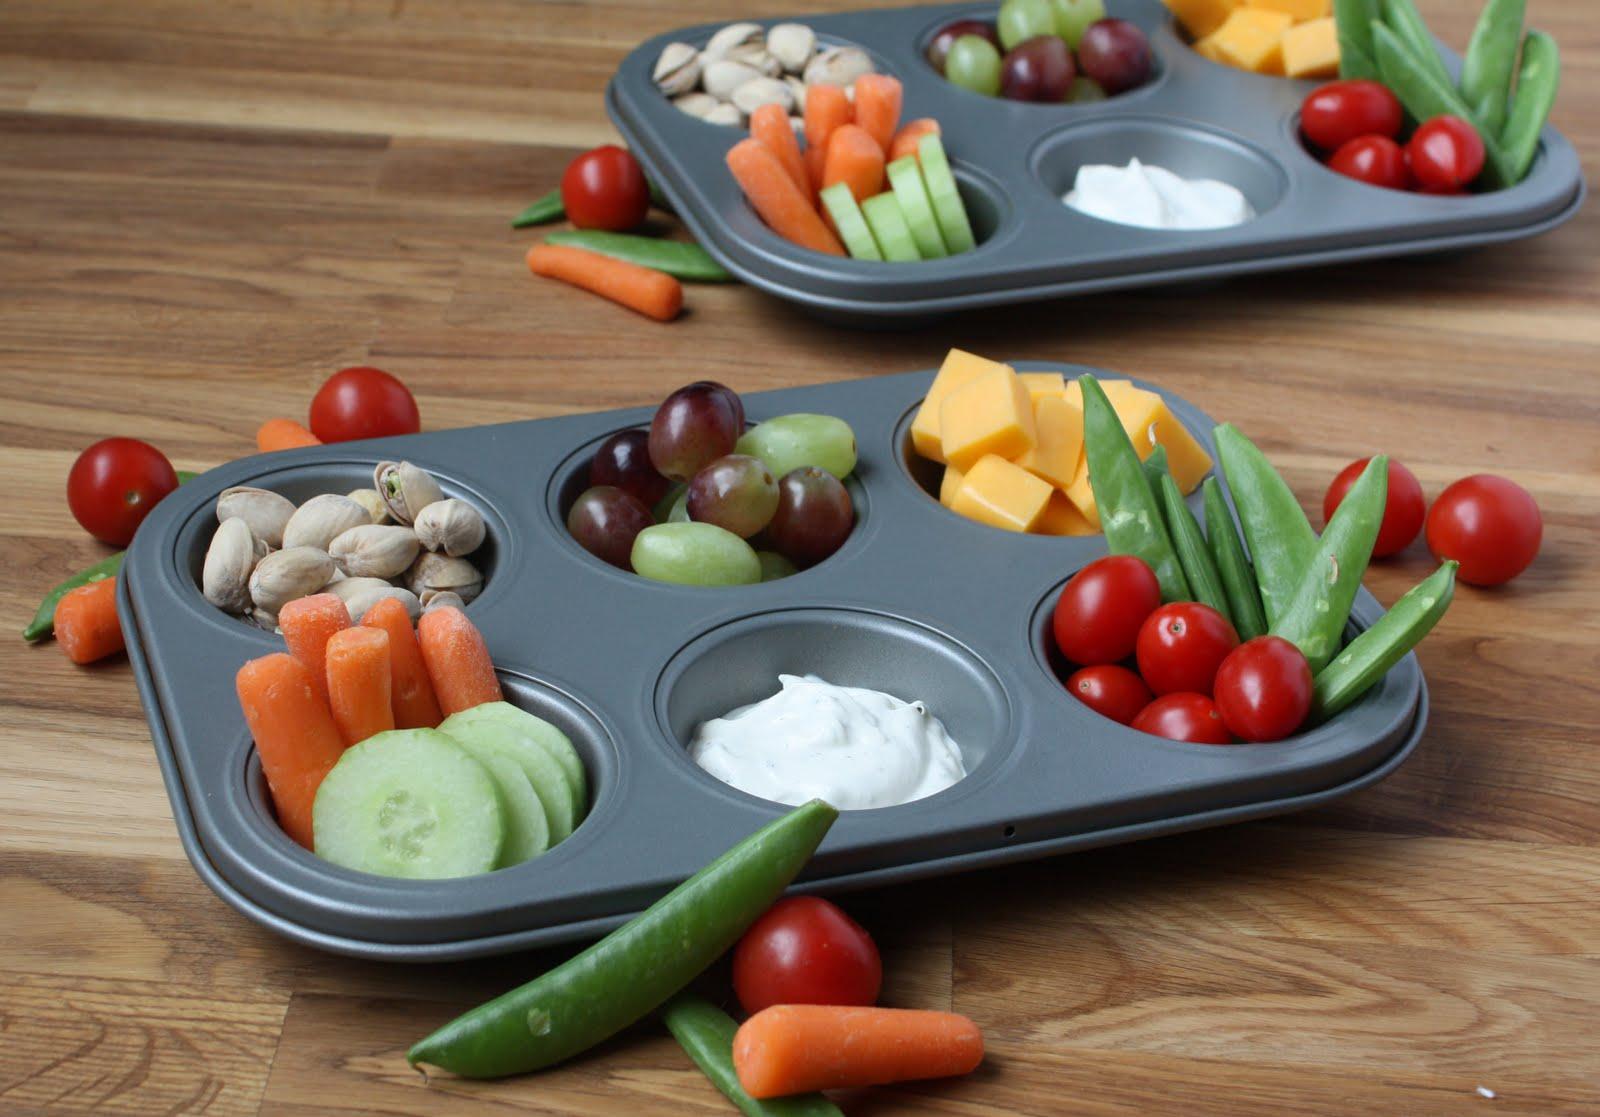 giữ dáng sau khi giảm cân bằng cách ăn nhiều bữa nhỏ